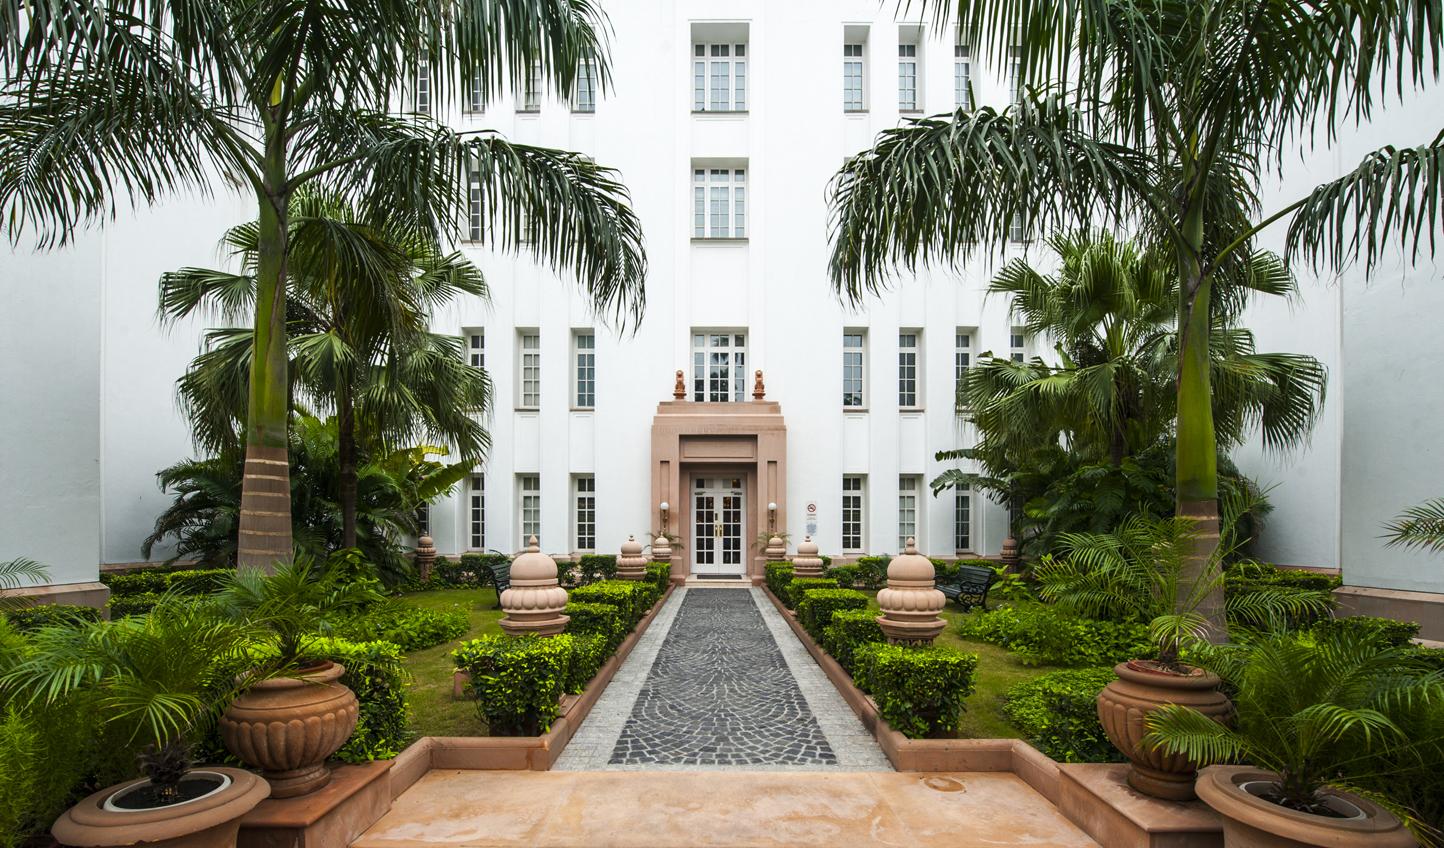 Stroll along palm-fringed walkways